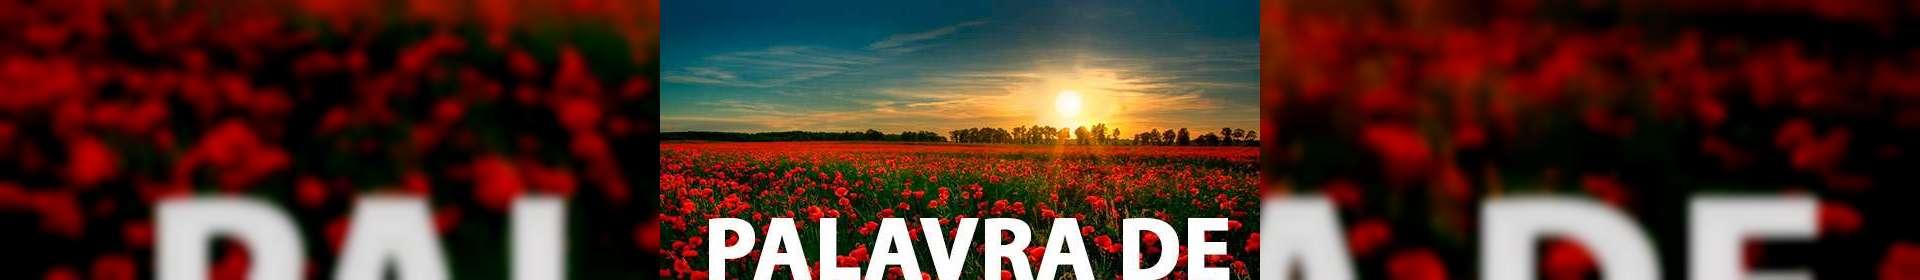 Apocalipse 7:13,14 - Uma Palavra de Esperança para sua vida